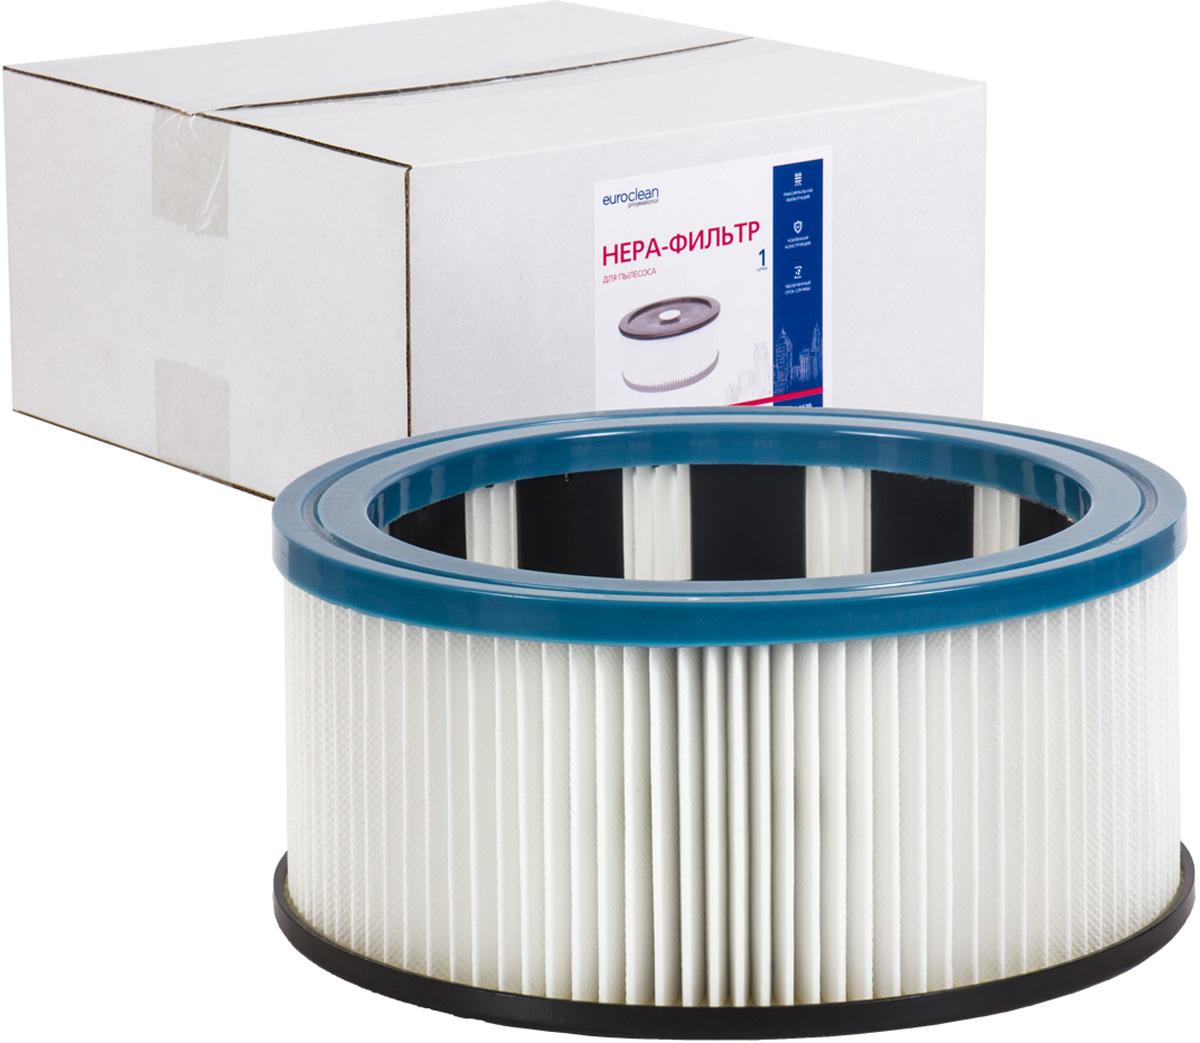 Euroclean FLSM-AS20 фильтр складчатый многоразовый моющийся для пылесосов Felisatti AS20/1200 - Бытовые аксессуары